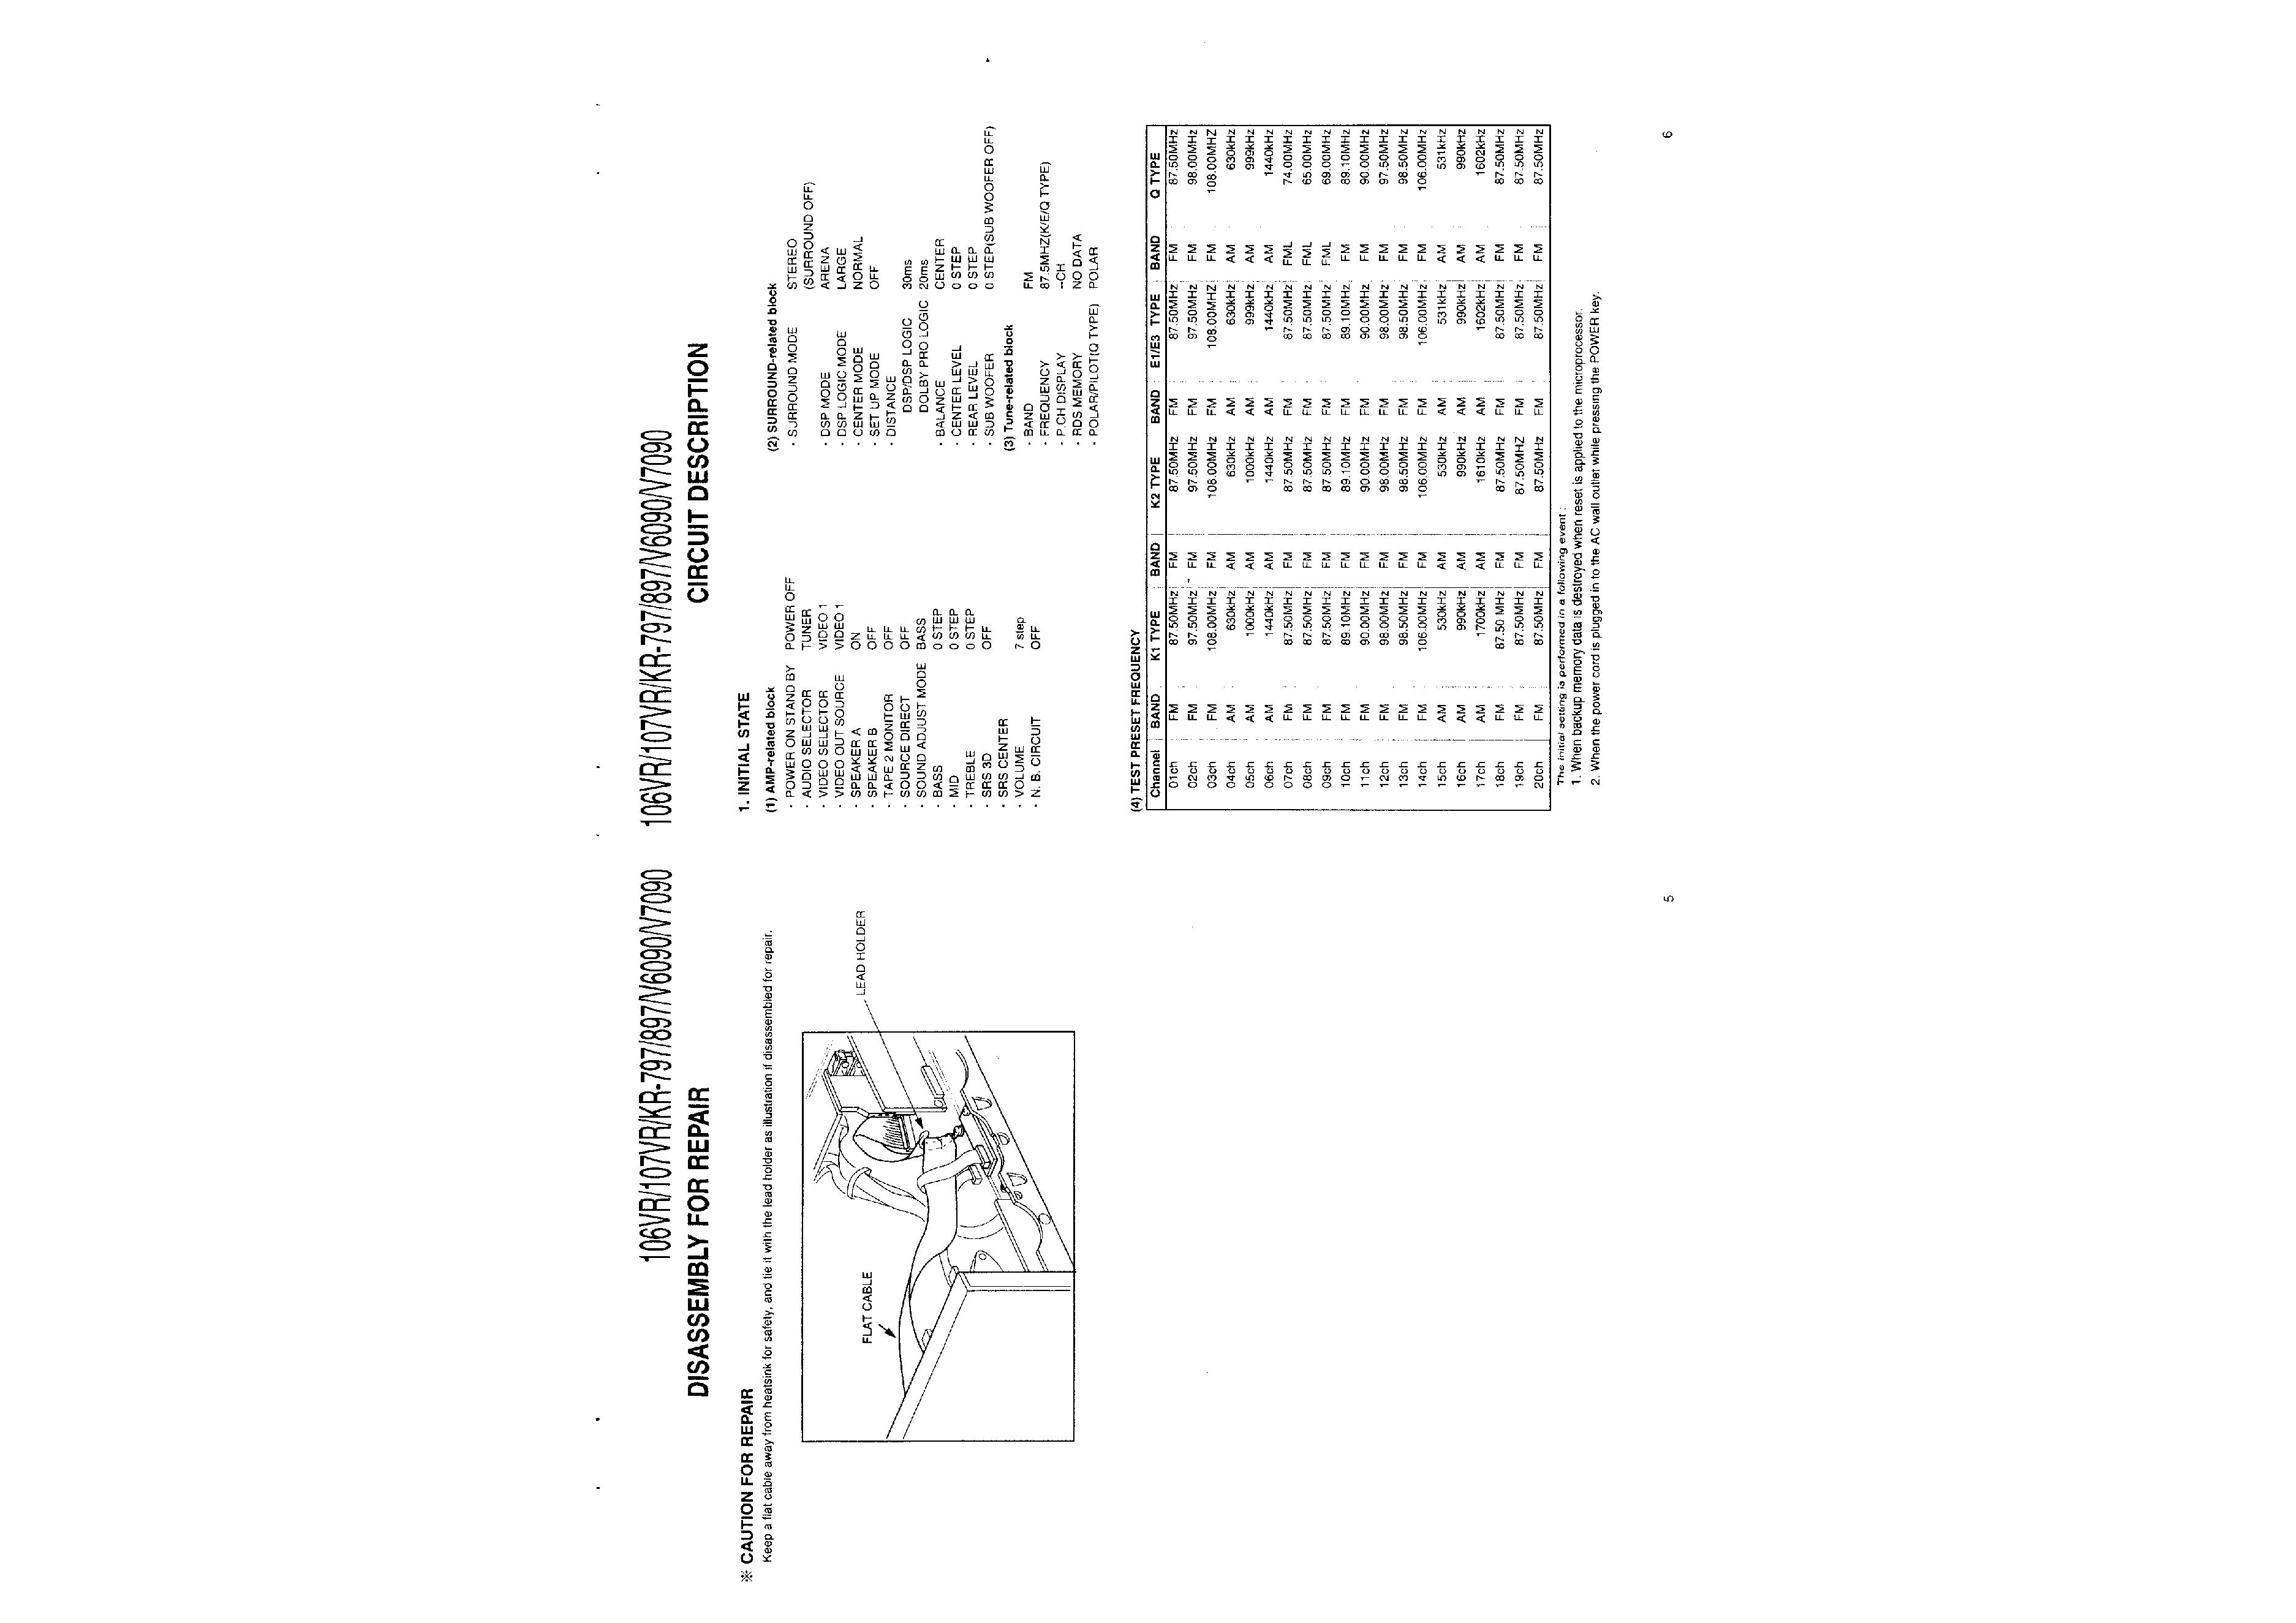 service manual for kenwood kr-v7090